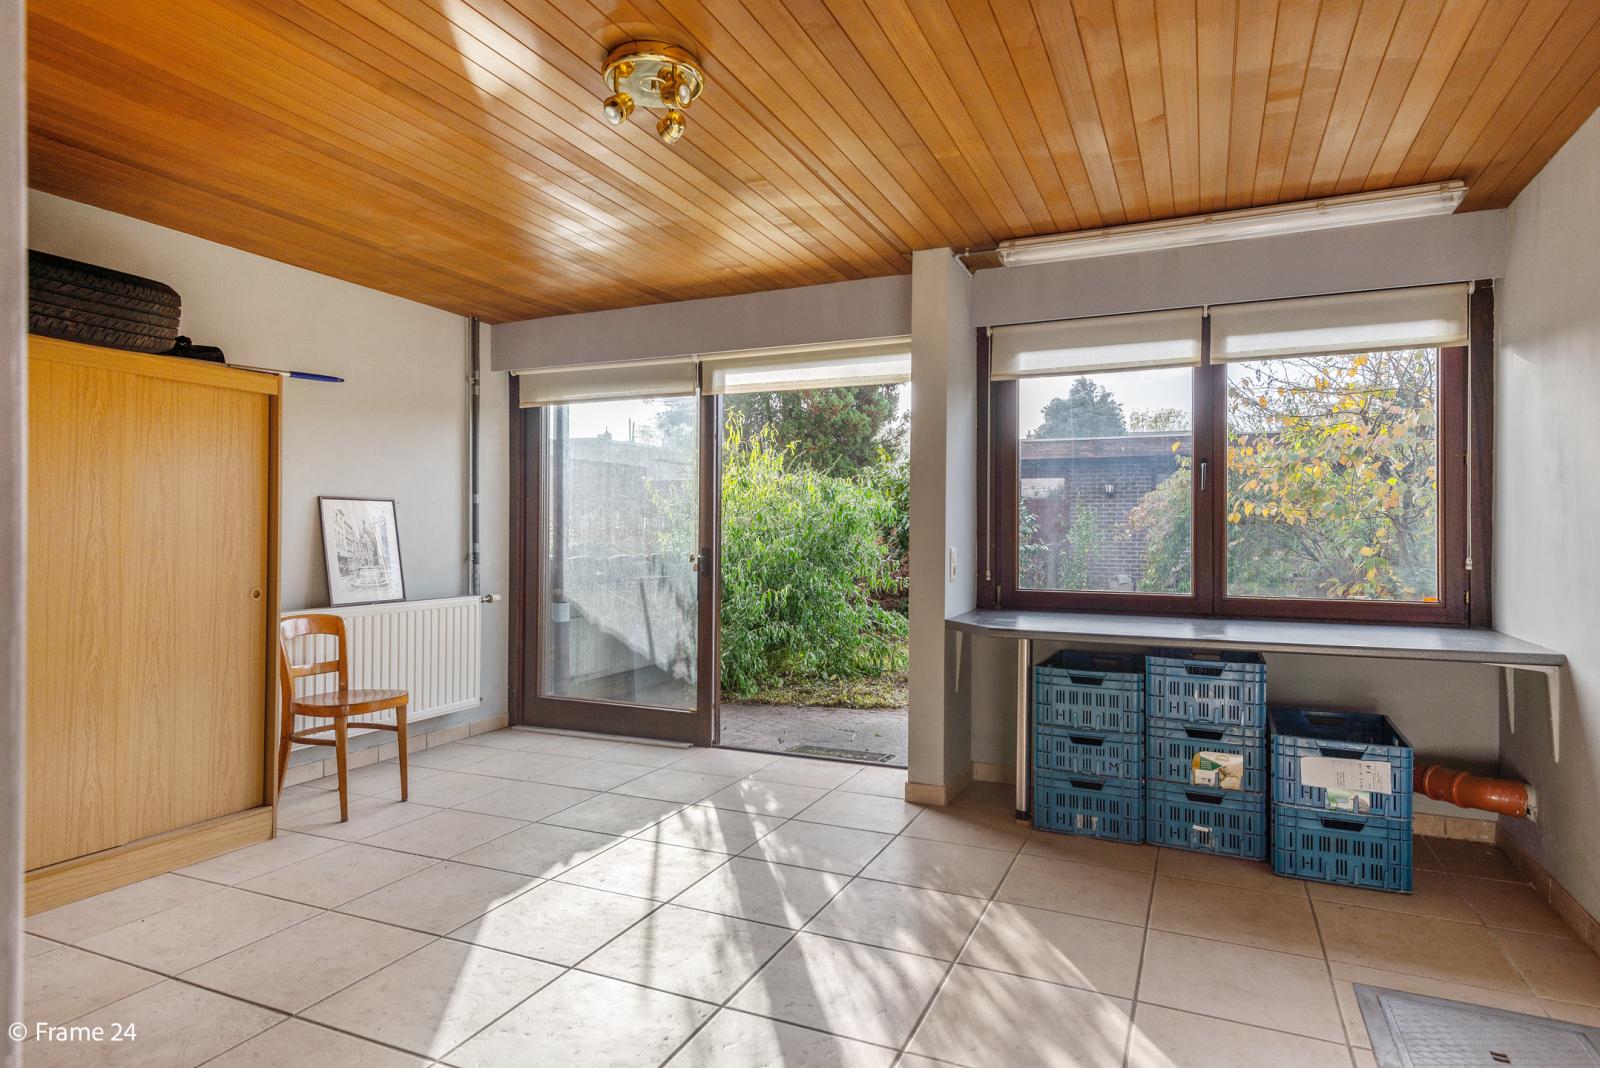 Verzorgde bel-étage met 3 slaapkamers, tuin en garage nabij centrum Wijnegem gelegen. afbeelding 19